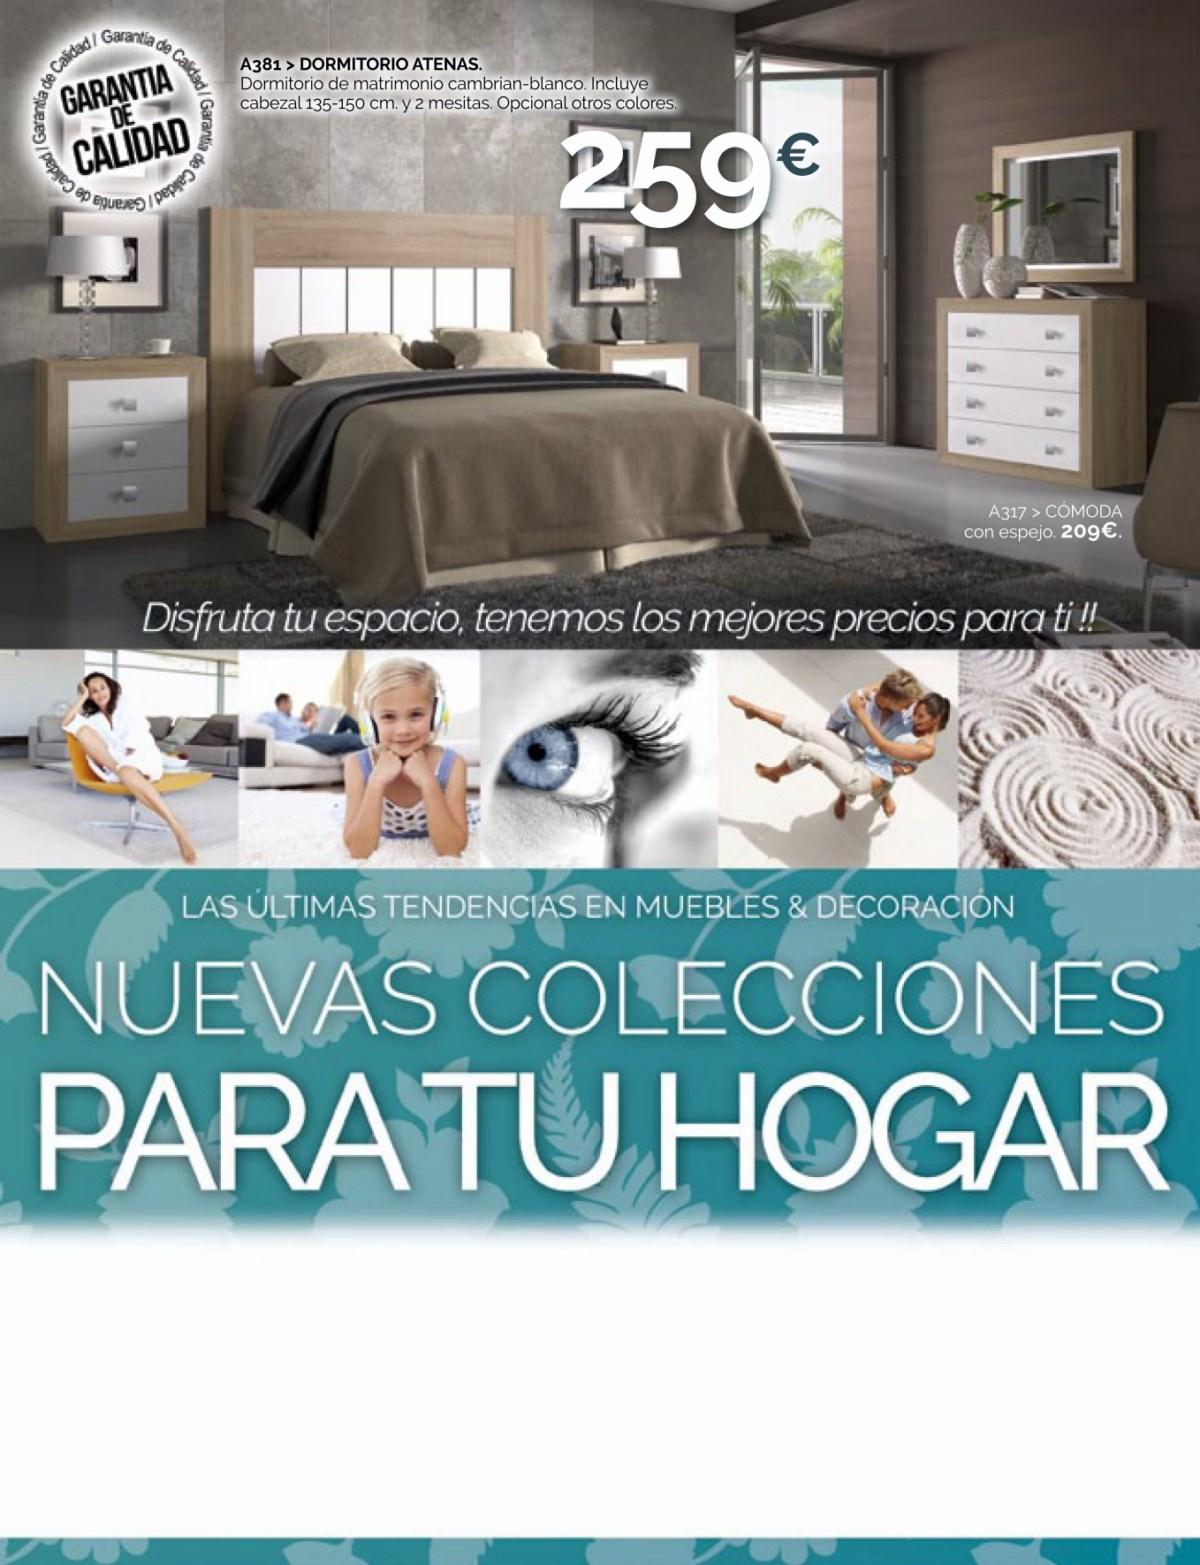 NUEVAS COLECCIONES PARA TU HOGAR_01